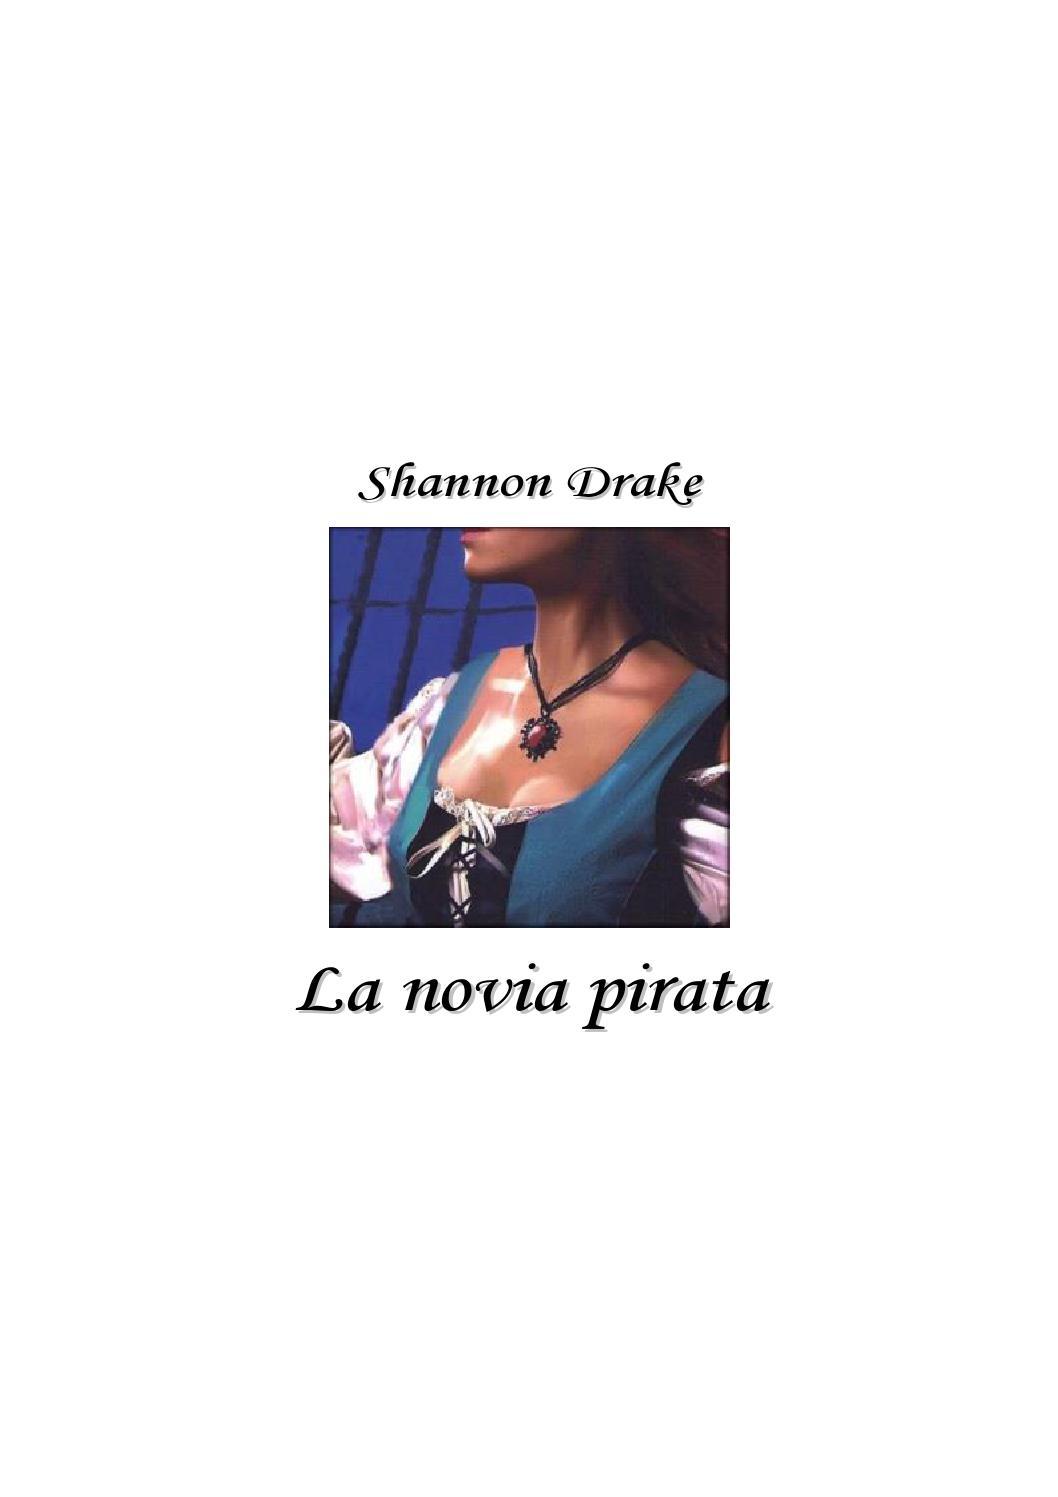 Novia pirata by Hector Lavoe - issuu